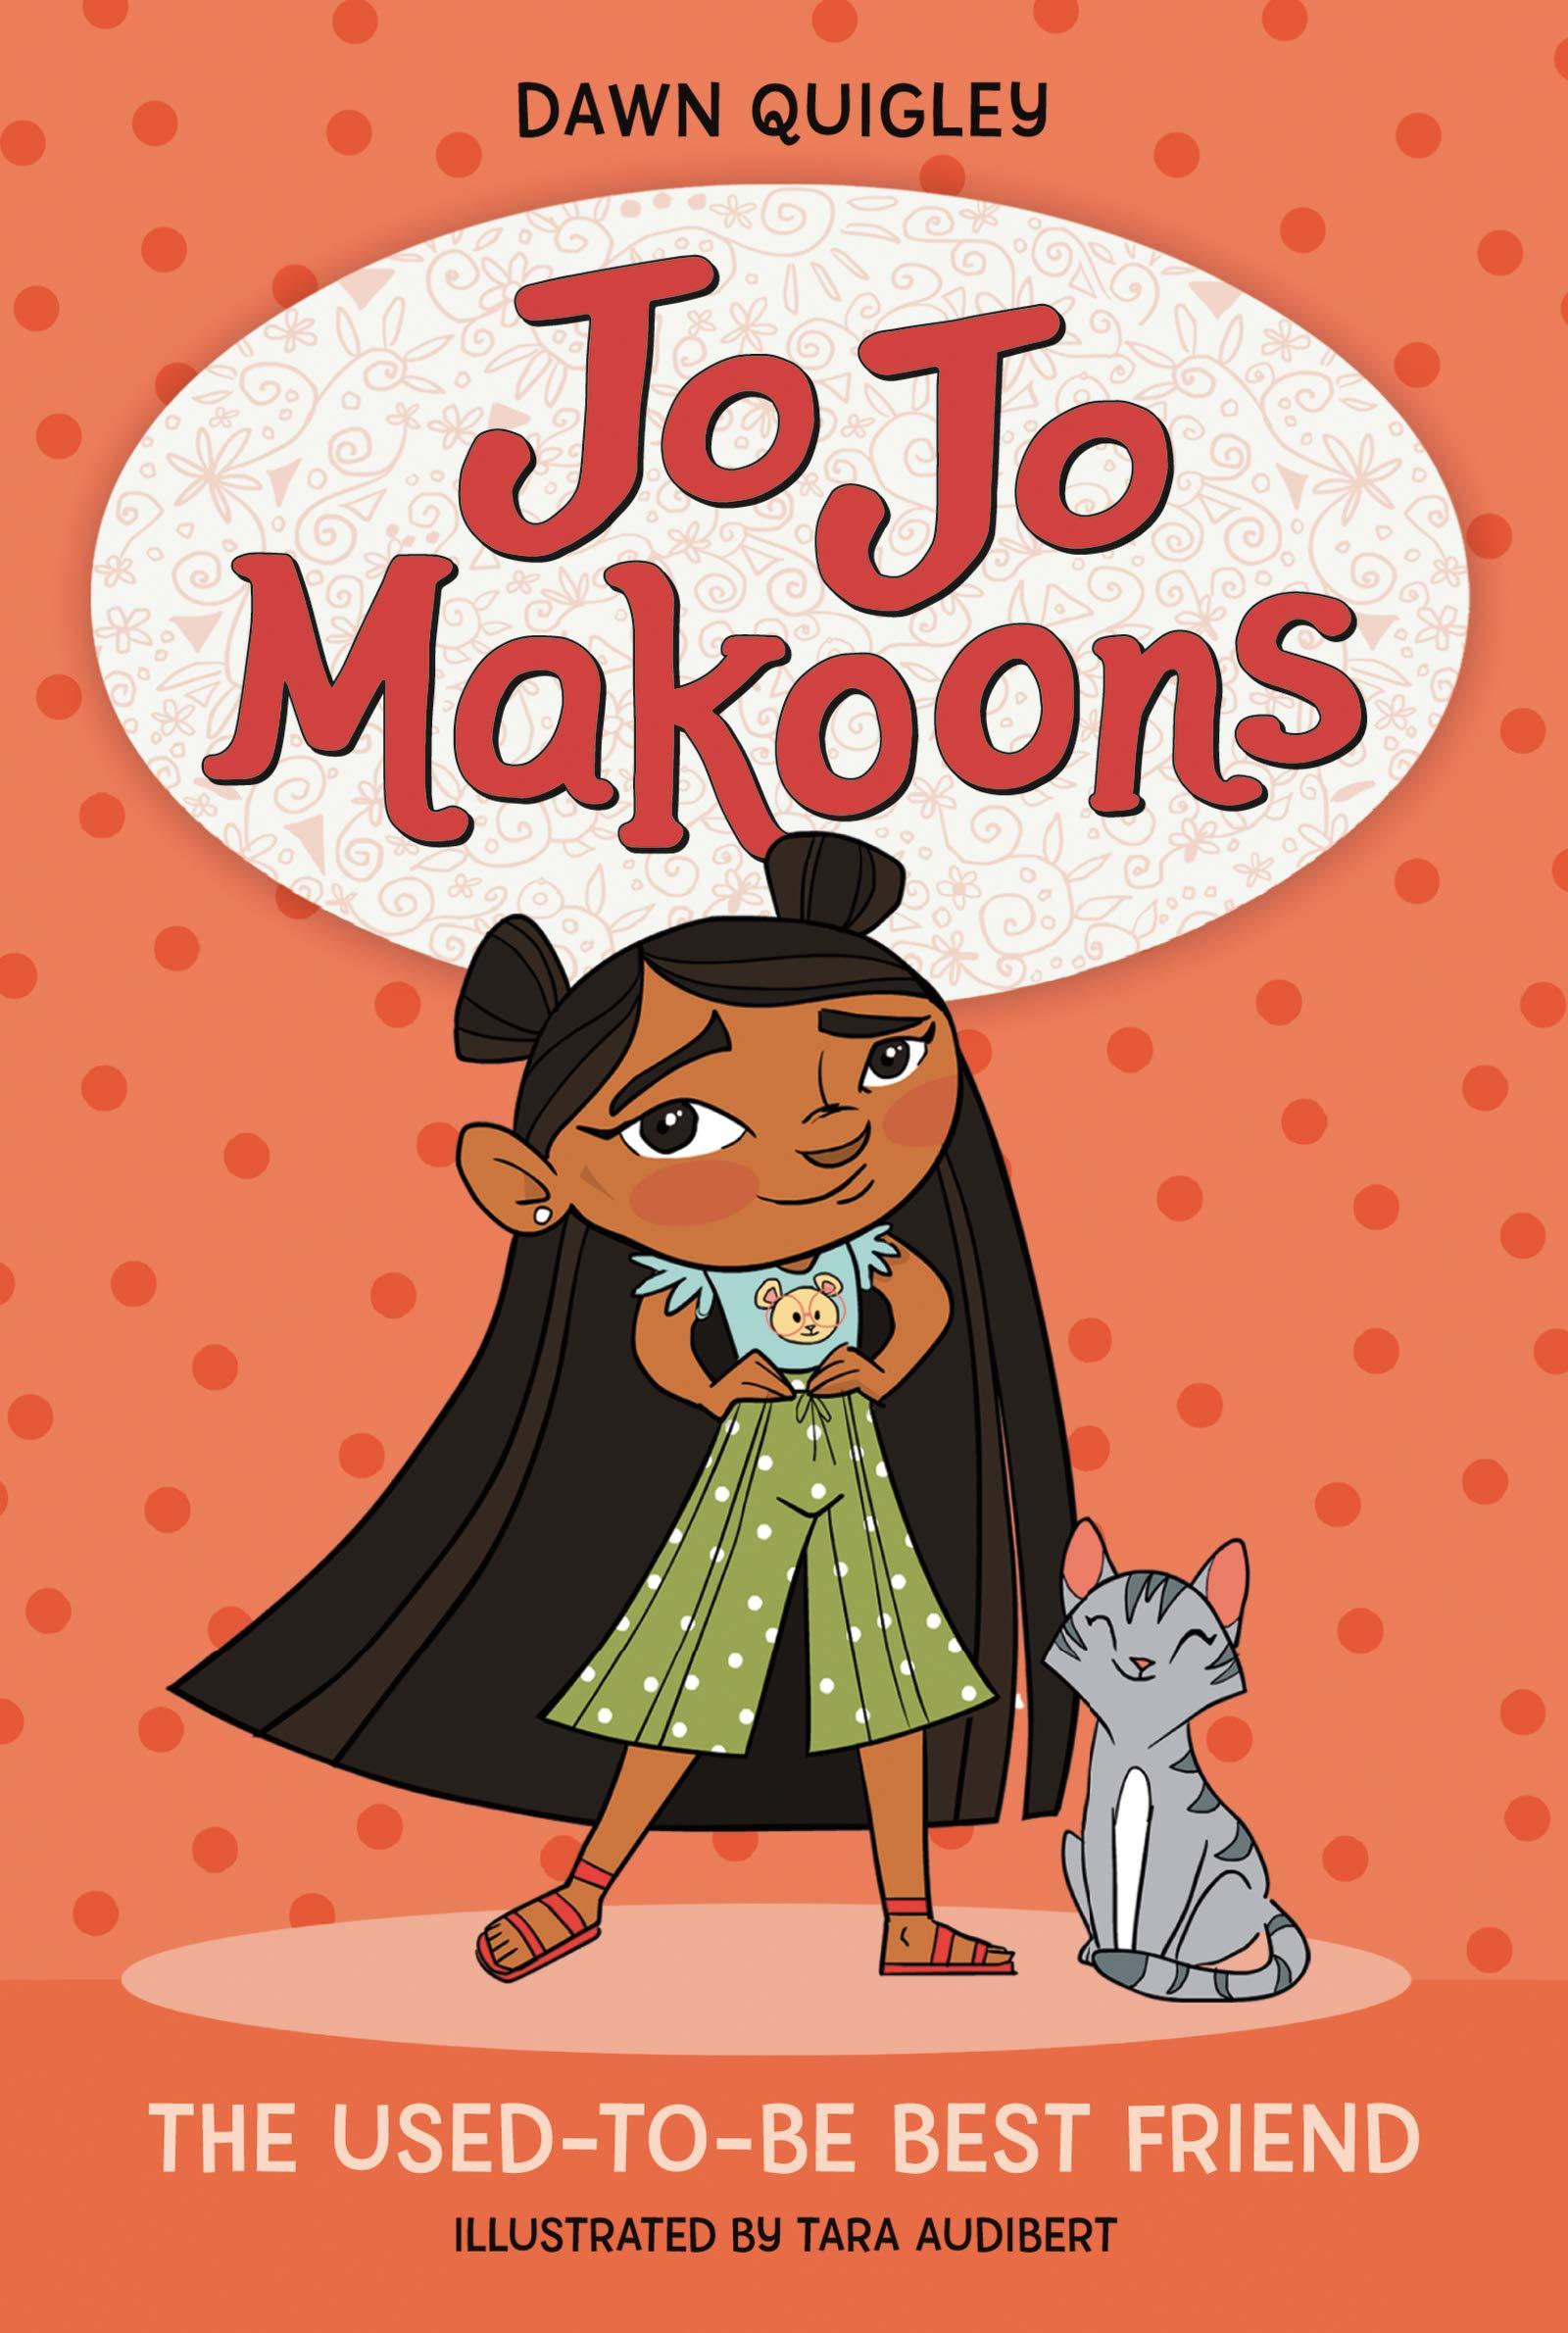 Amazon.com: Jo Jo Makoons: The Used-to-Be Best Friend (Jo Jo, 1)  (9780063015371): Quigley, Dawn, Audibert, Tara: Books